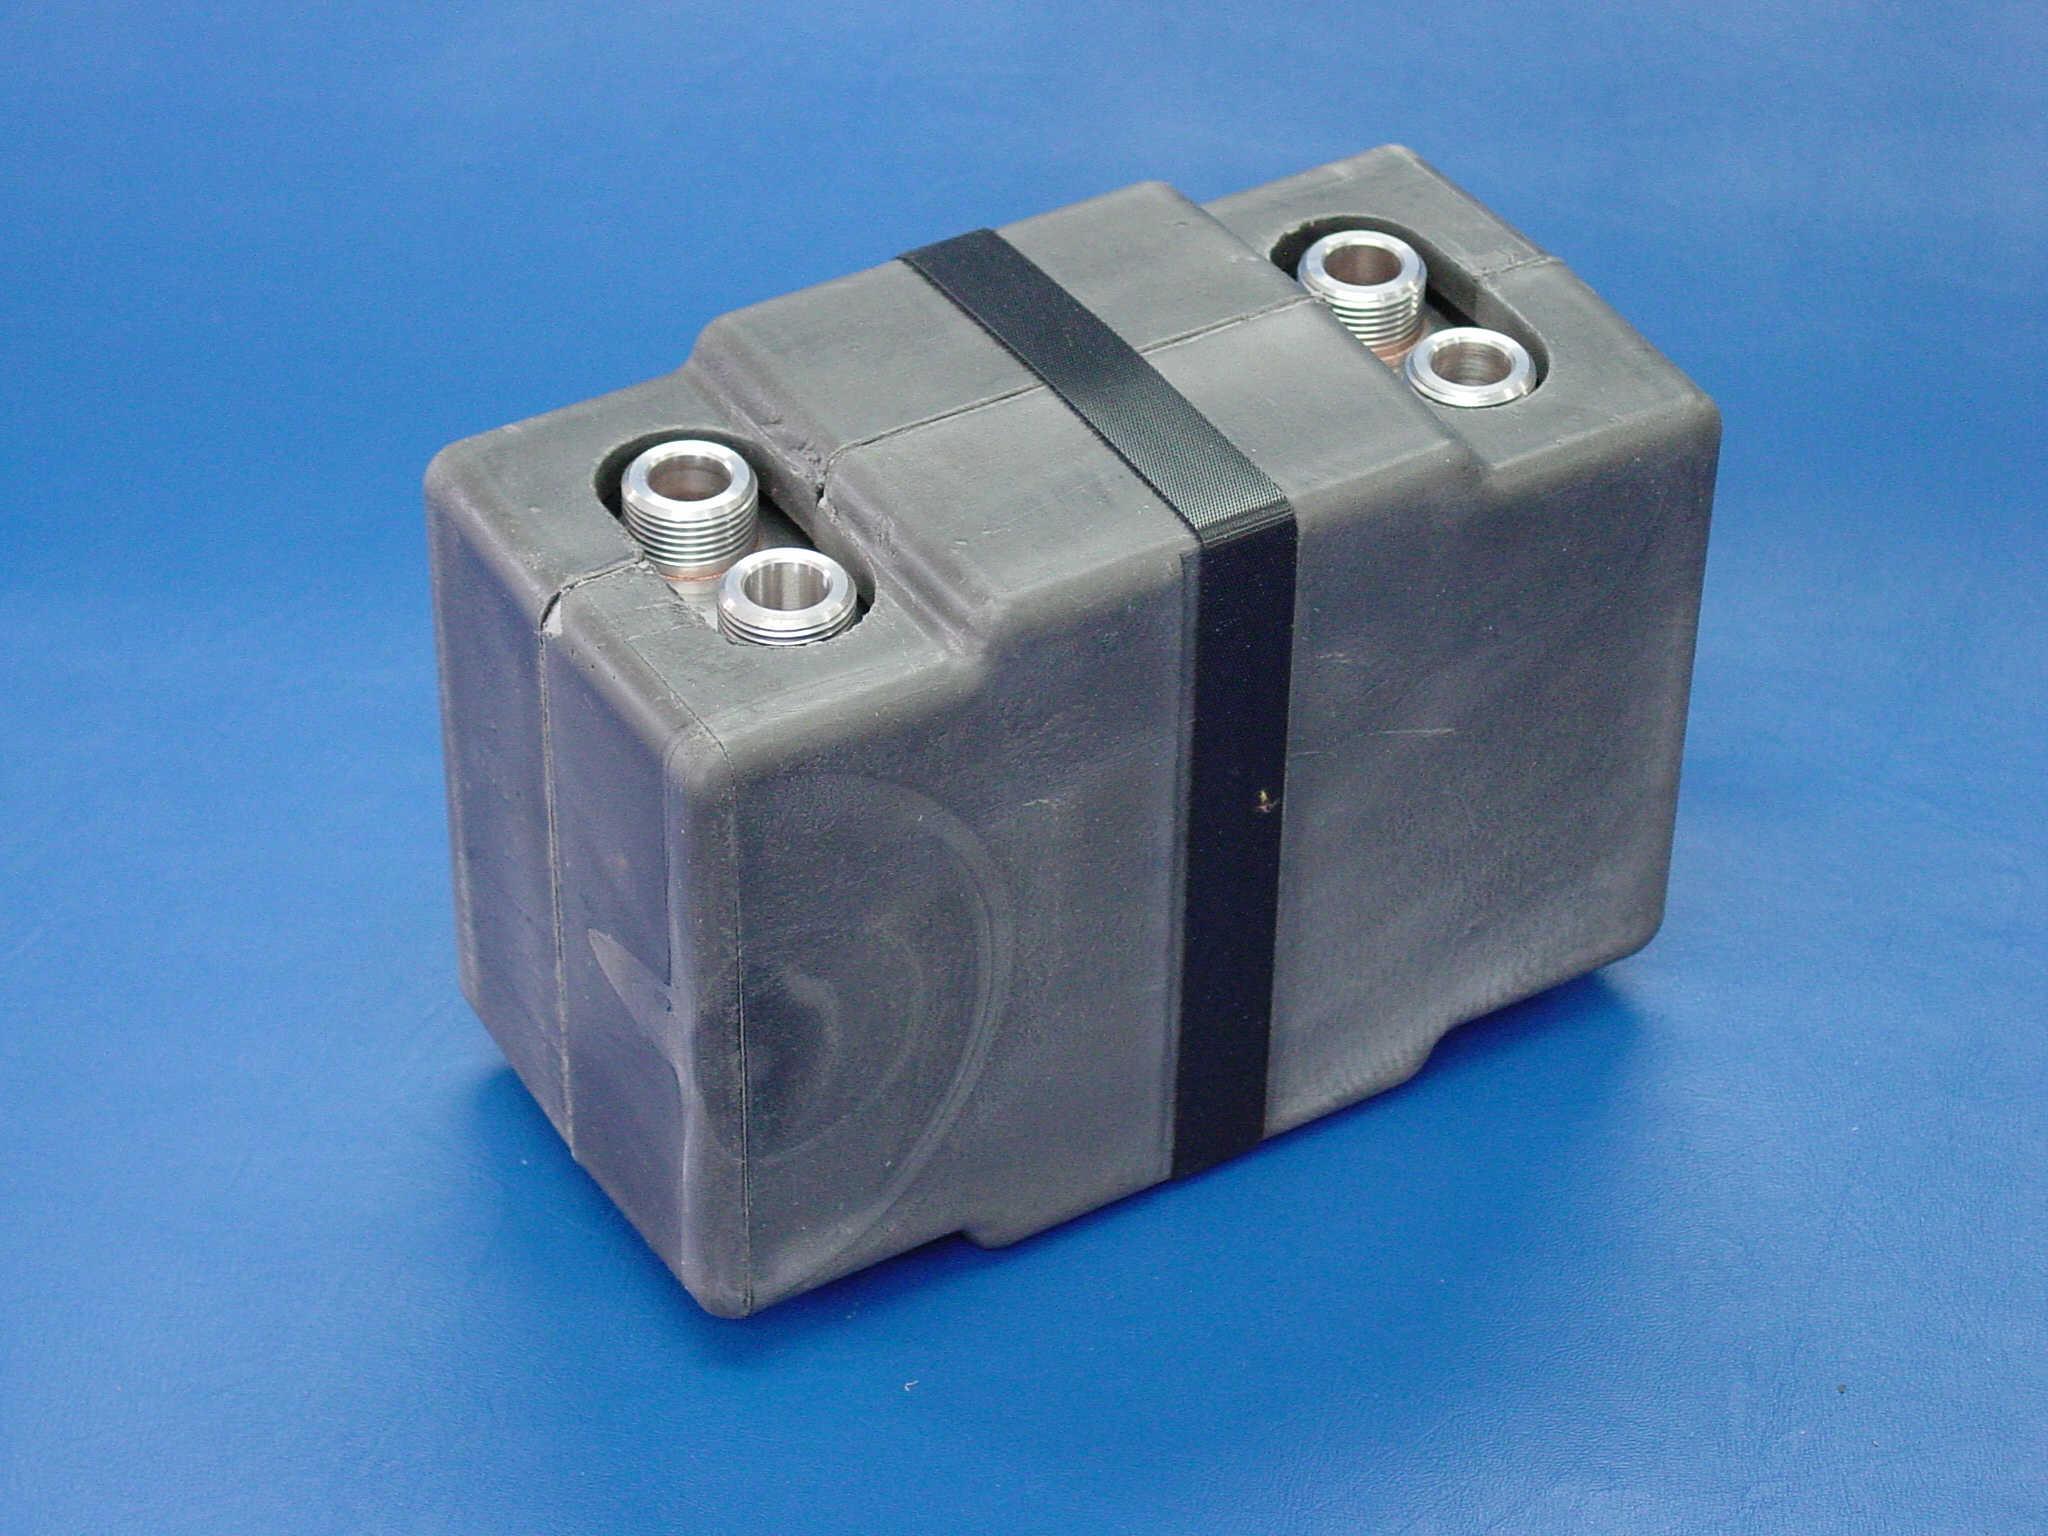 10 Stück 2A-25A Glassicherung Feinsicherungen Sortiment Sicherung 6.3x30mm O